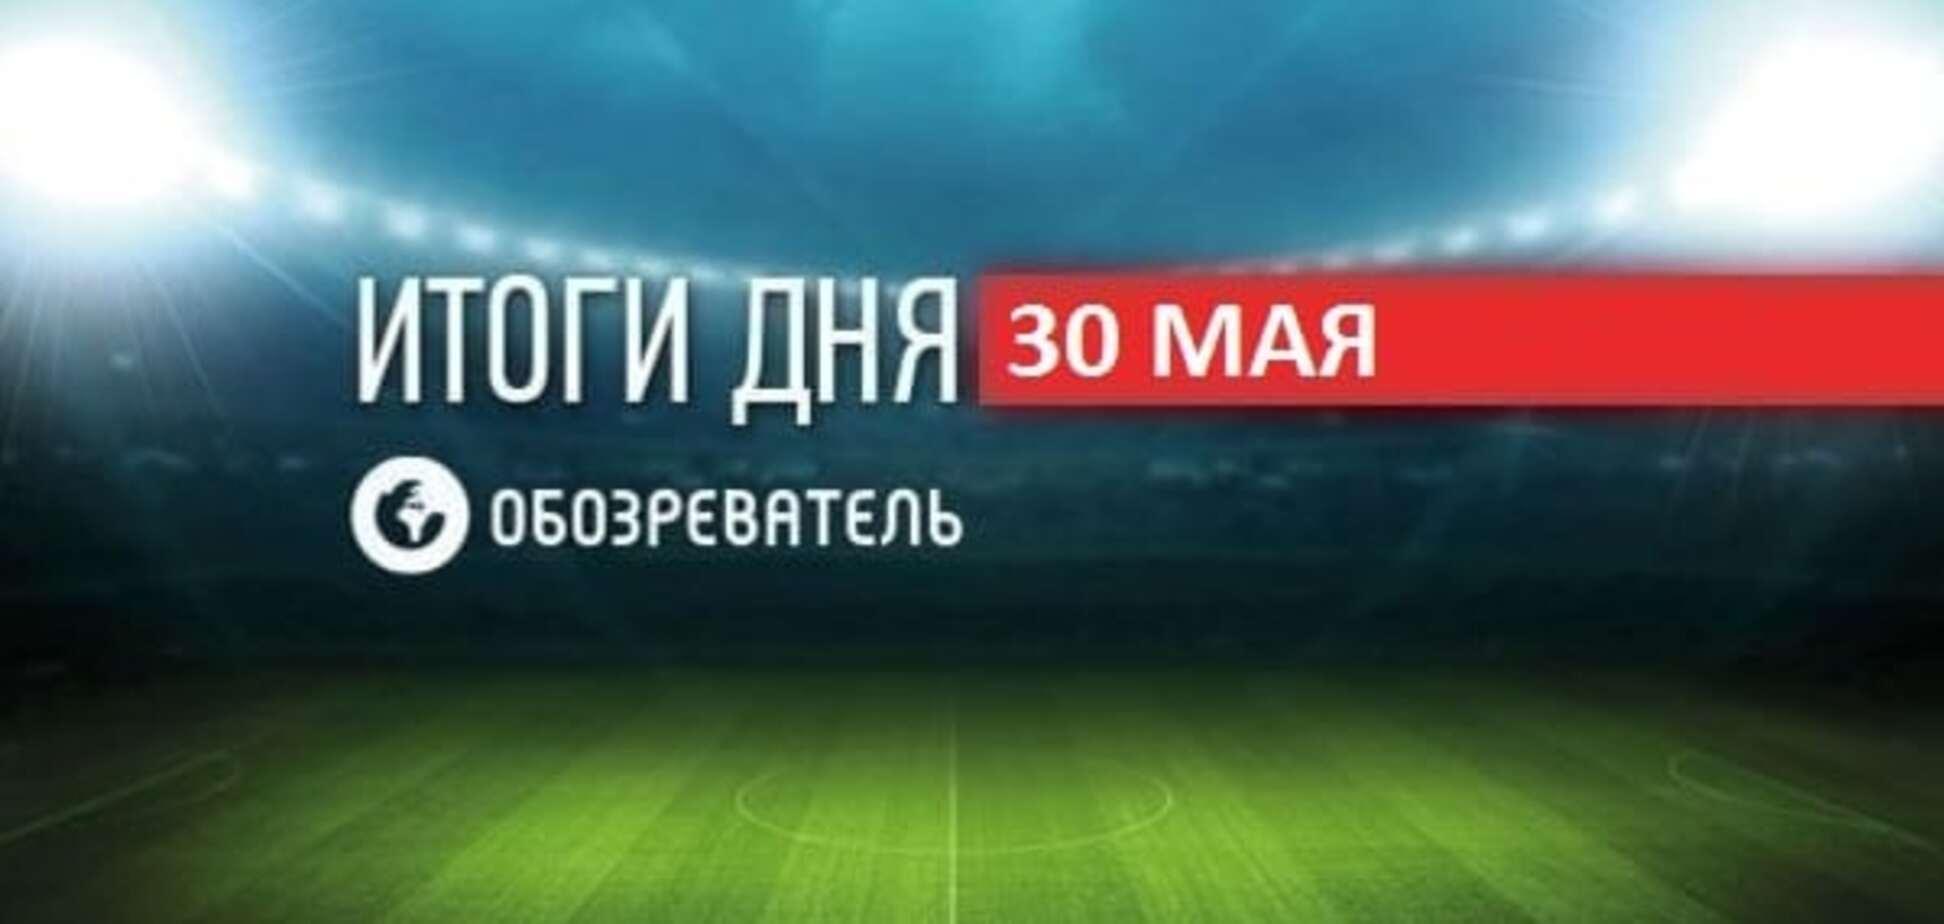 Український боксер побив росіянина у фіналі чемпіонату світу. Спортивні підсумки за 30 травня